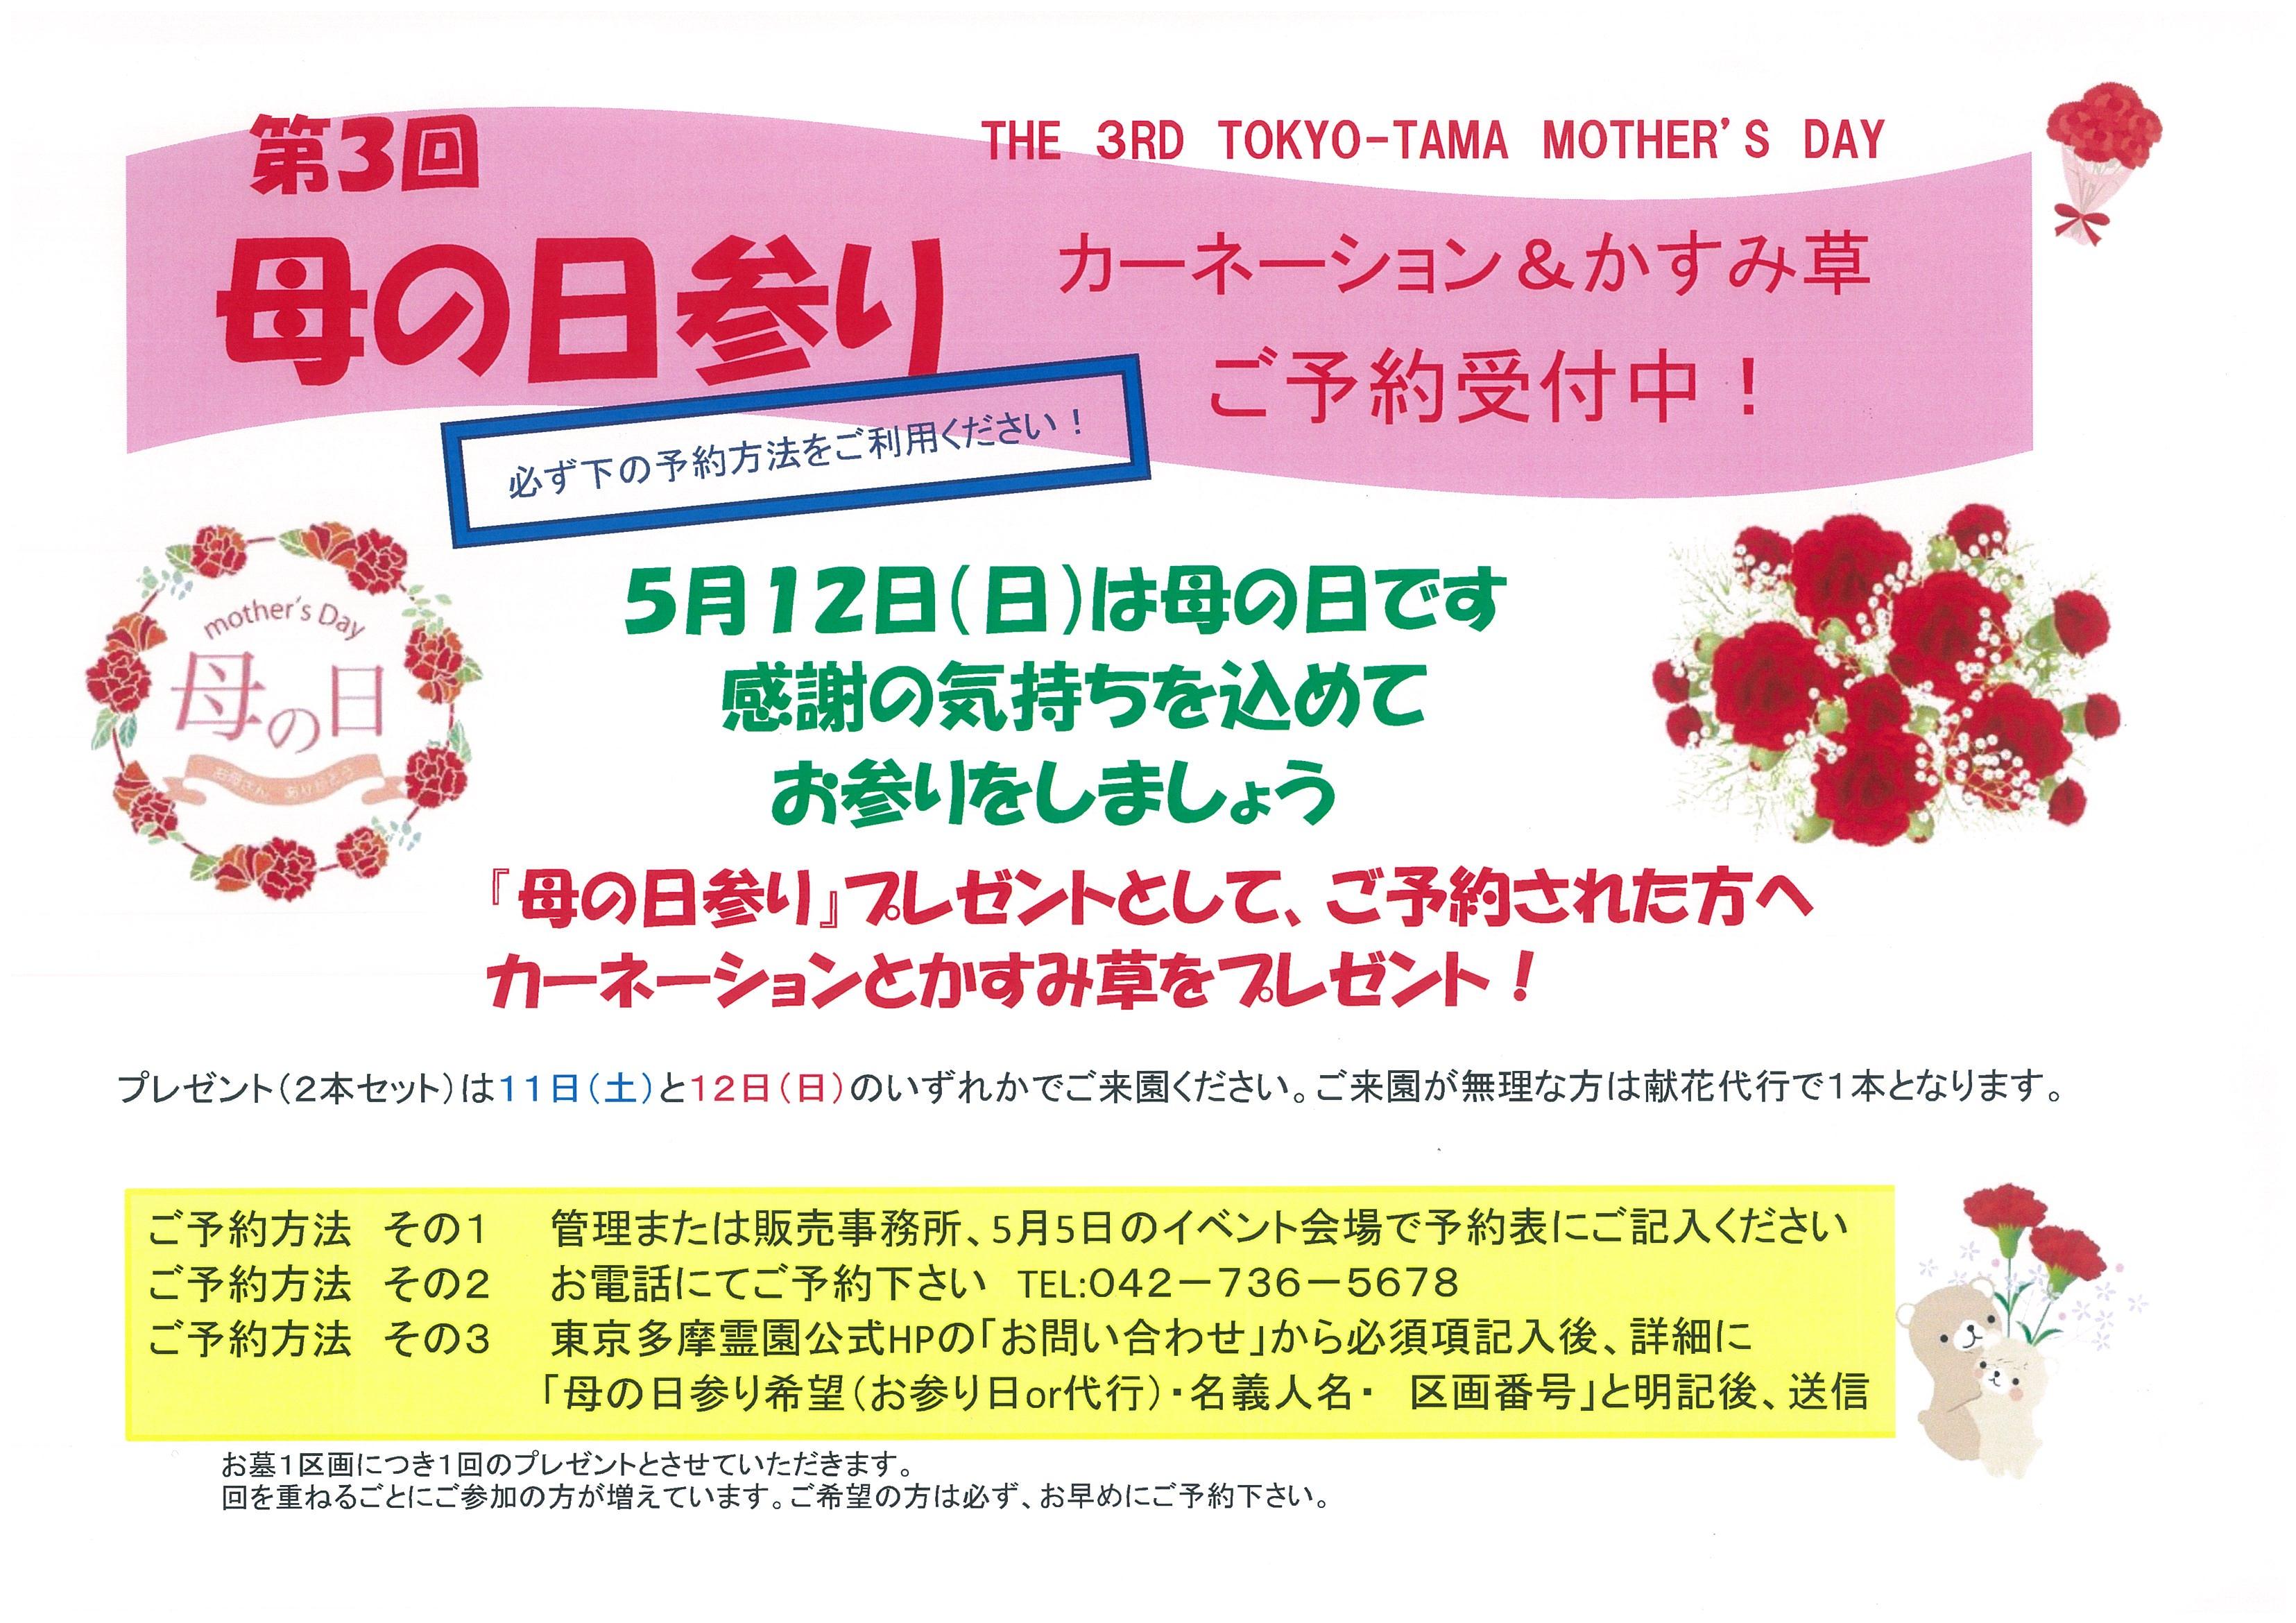 5月11日(土)・12日(日)は「母の日参り」カーネーションプレゼント(ご予約が必要です)